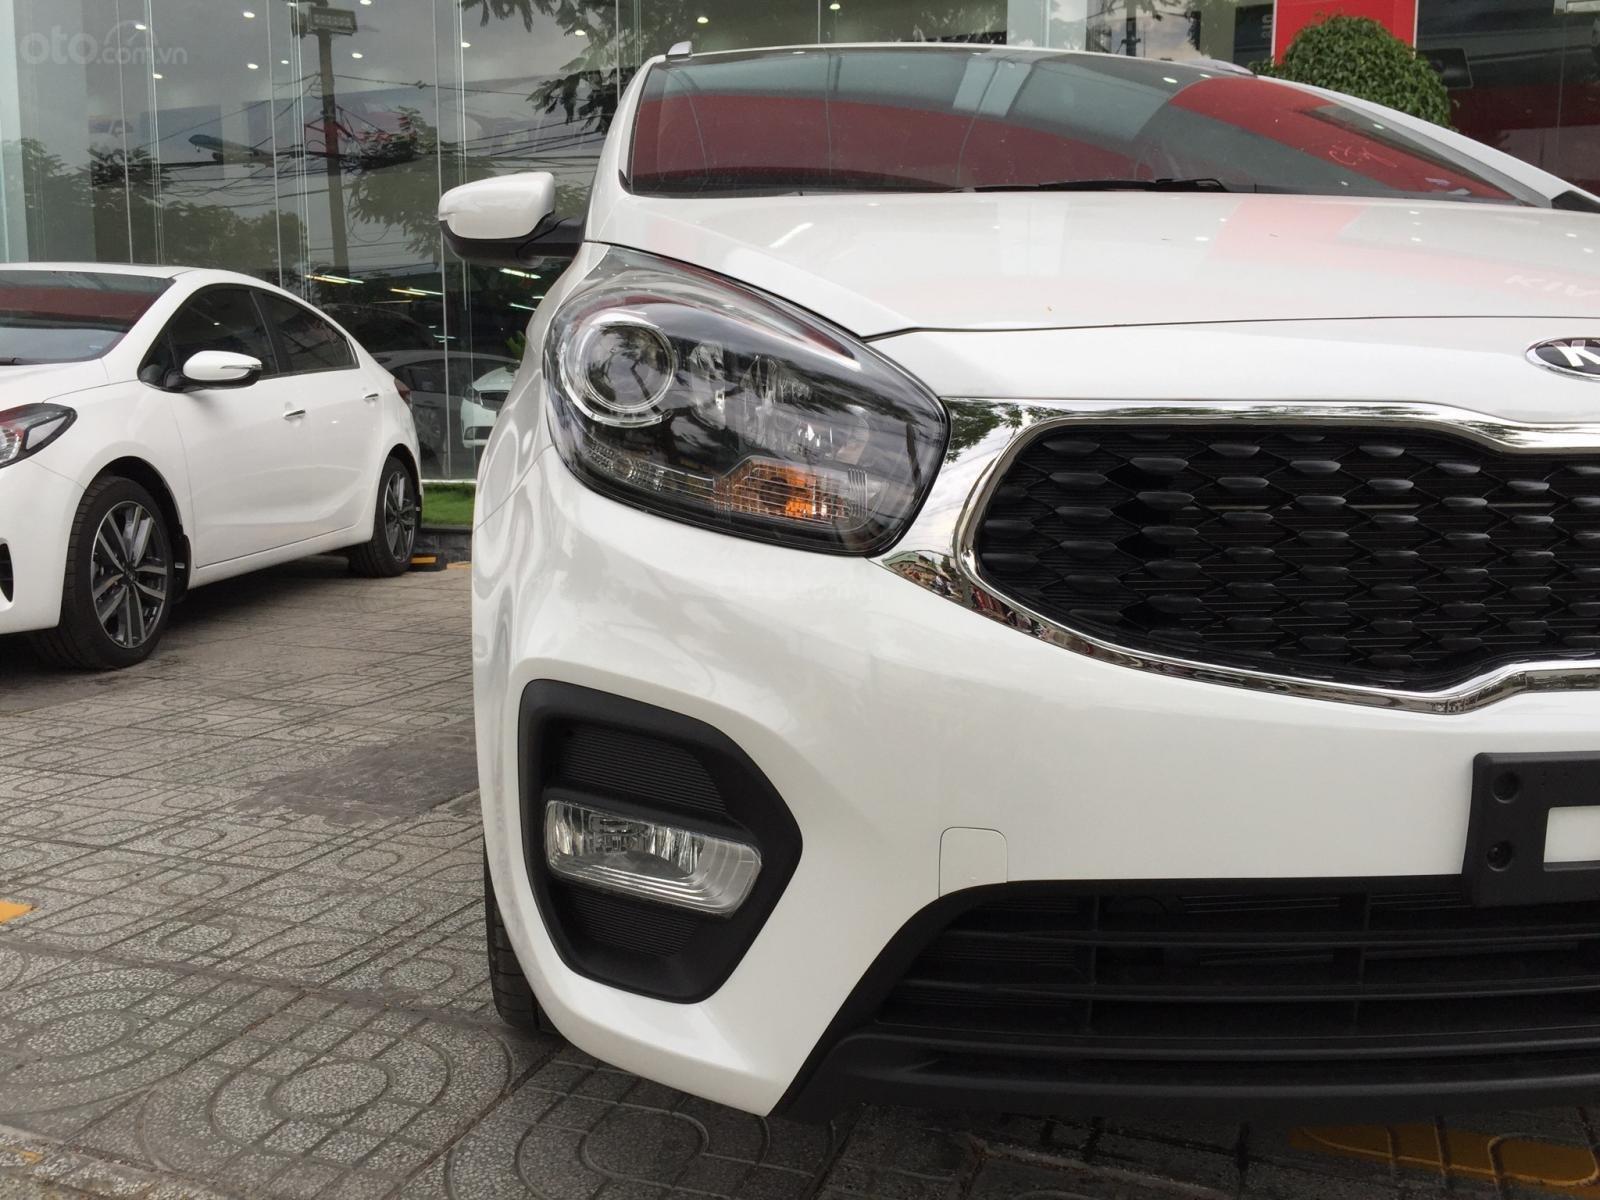 Hot - Kia Rondo 2019 giá ưu đãi cùng nhiều phần quà vô cùng hấp dẫn-1